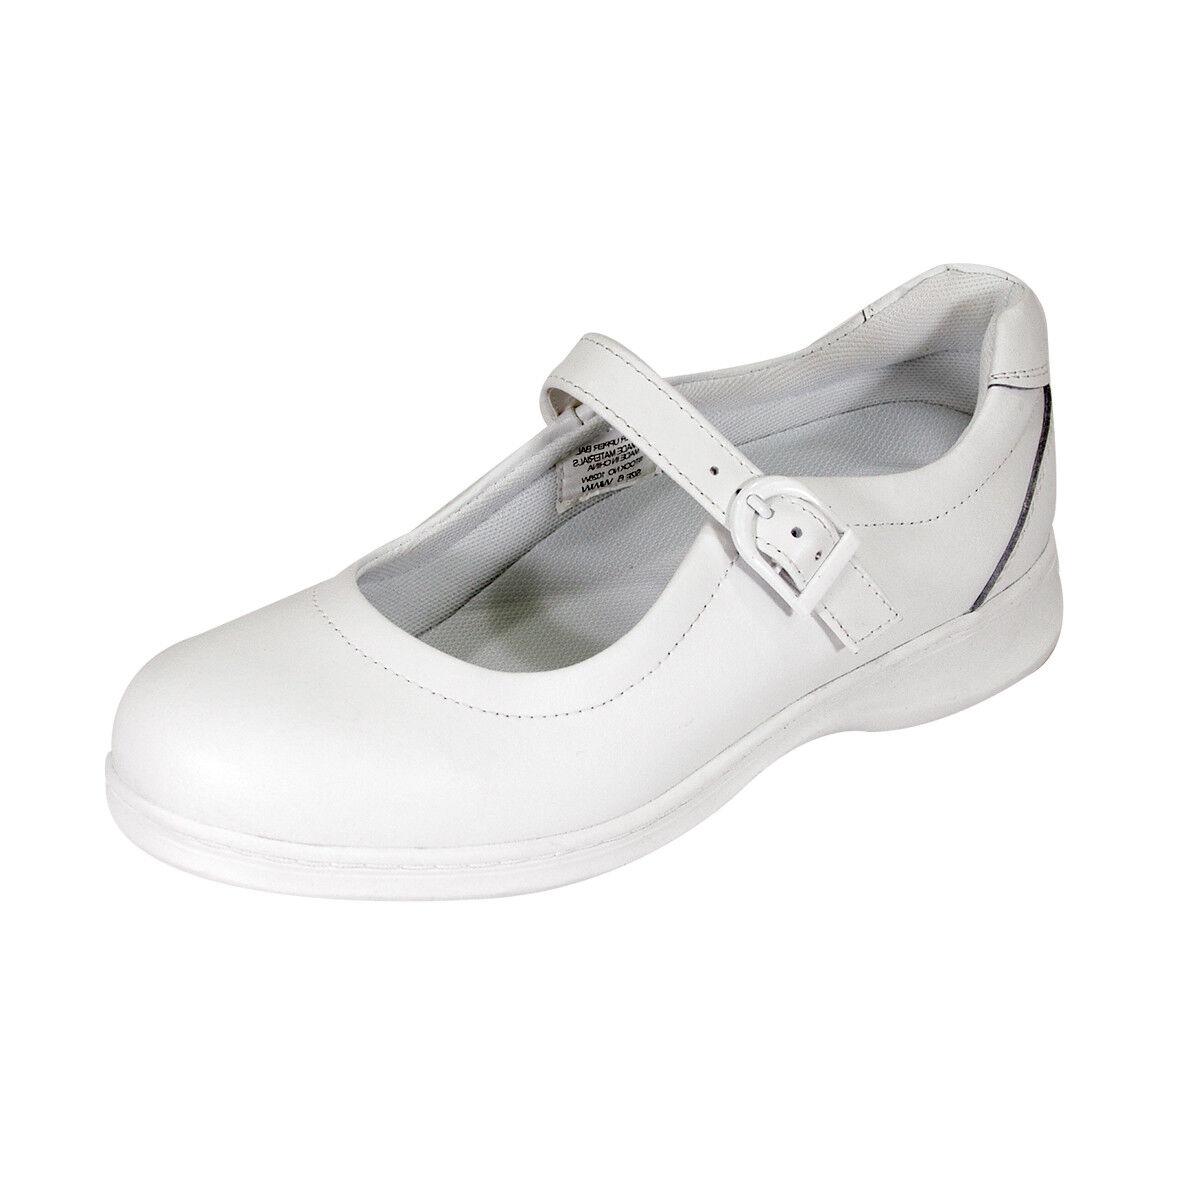 24 H Comfort cara Mujeres Ancho Hebilla Ajustable Ajustable Ajustable paso en Mary Jane Zapatos  mejor vendido